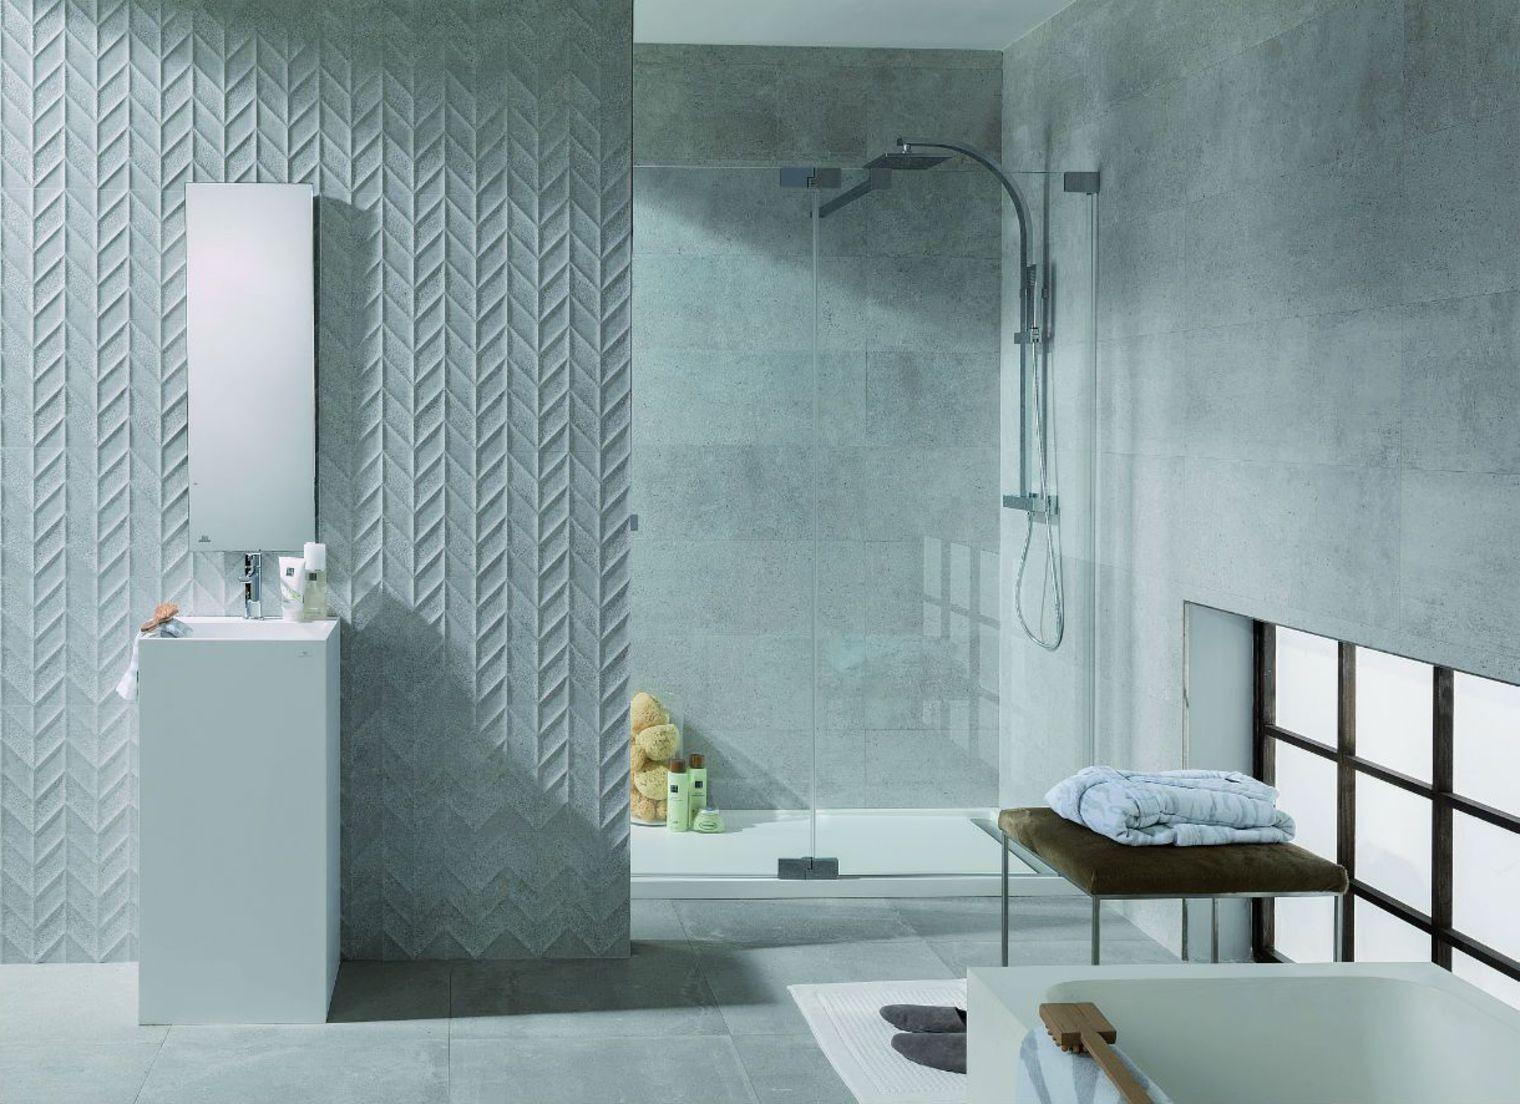 Carrelage sol douche trendy carrelage sol salle de bains for Carrelage sol de douche italienne